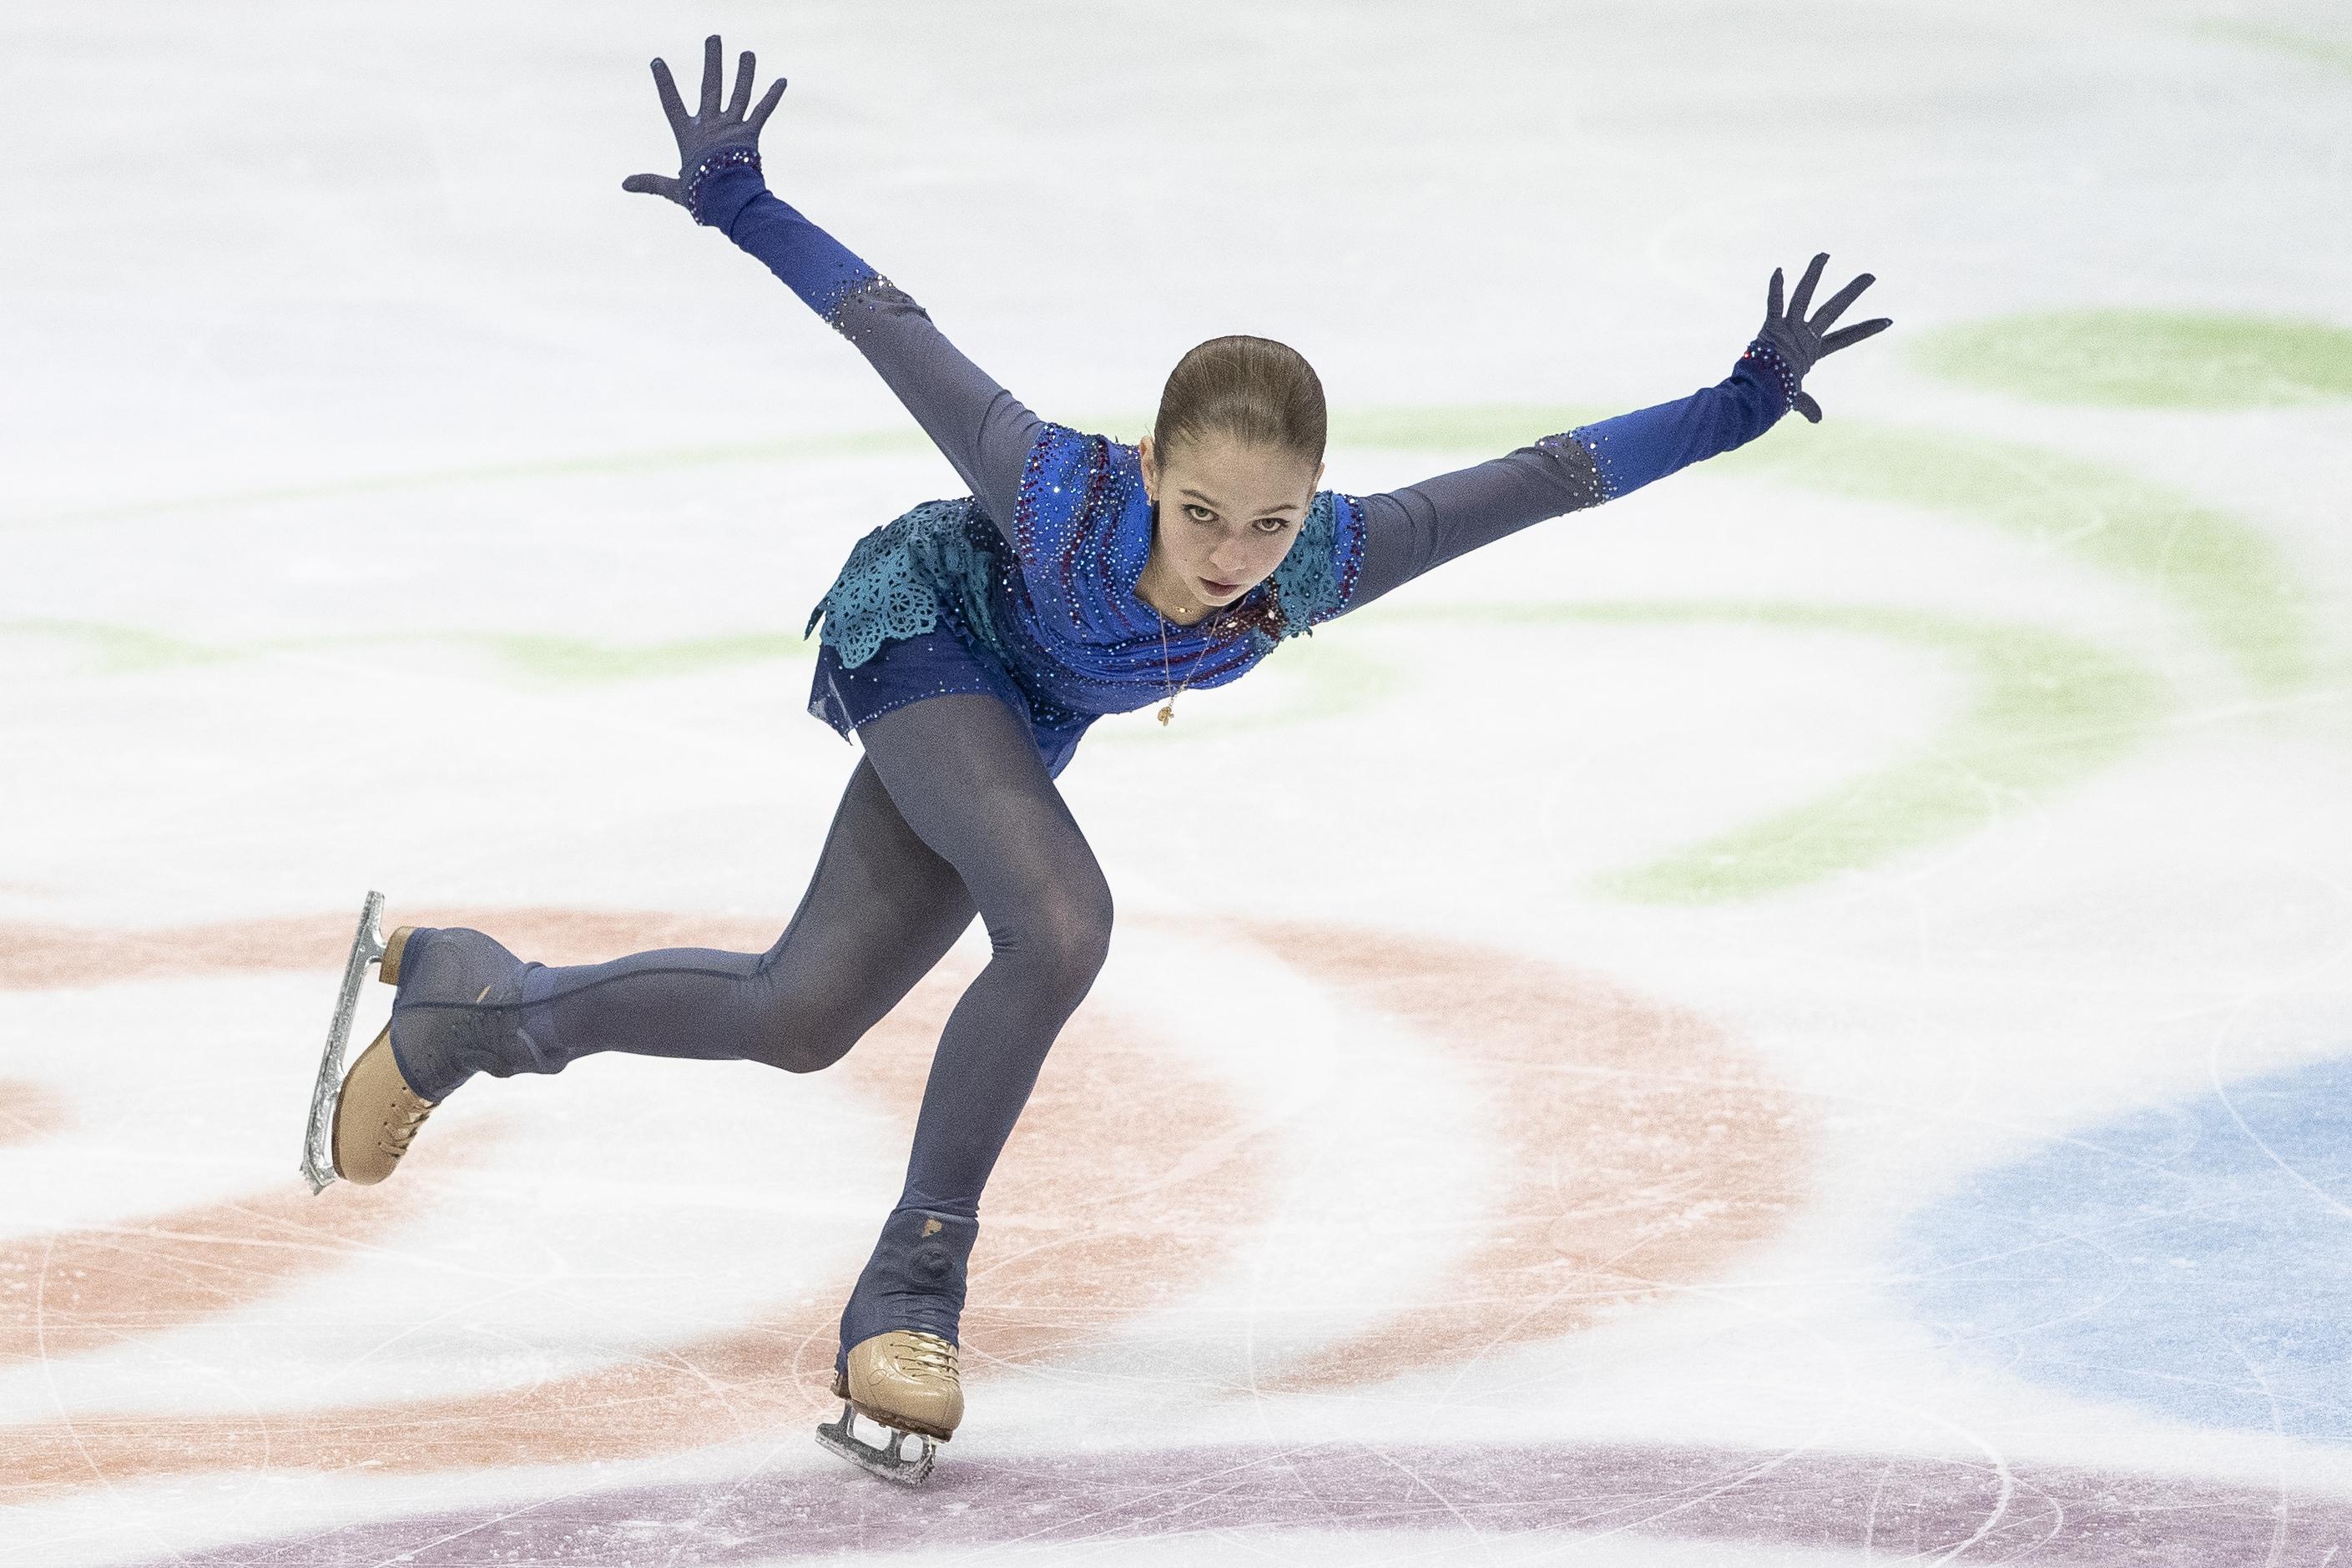 25 января 2020 г., Грац. Выступление Александры Трусовой на чемпионате Европы, в ходе которого она выиграла бронзовую медаль